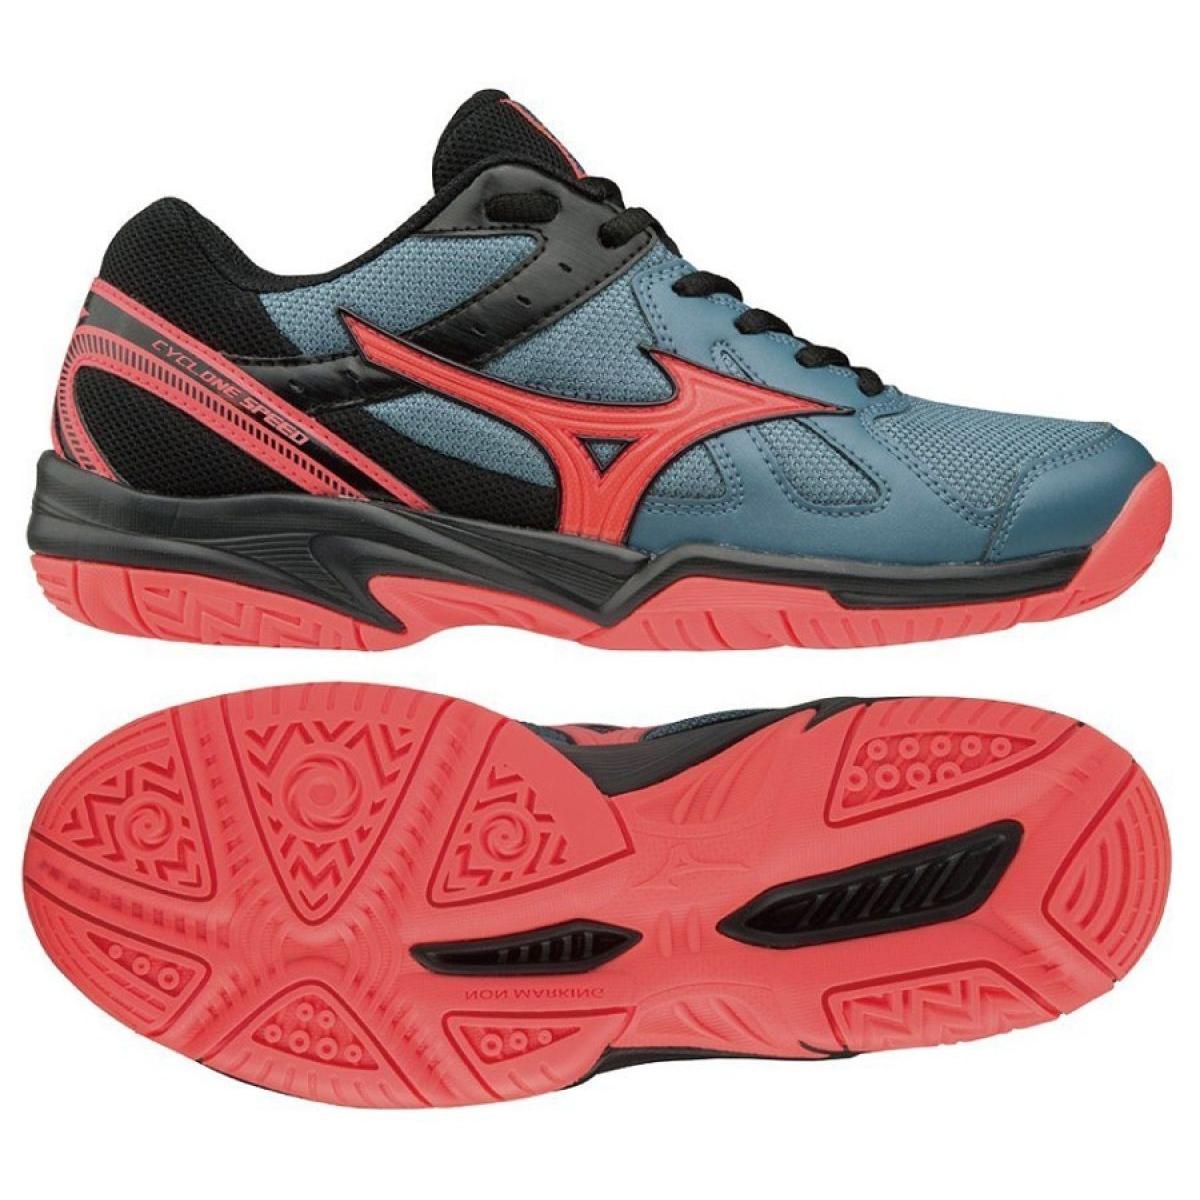 mizuno womens volleyball shoes size 8 x 3 free el otro